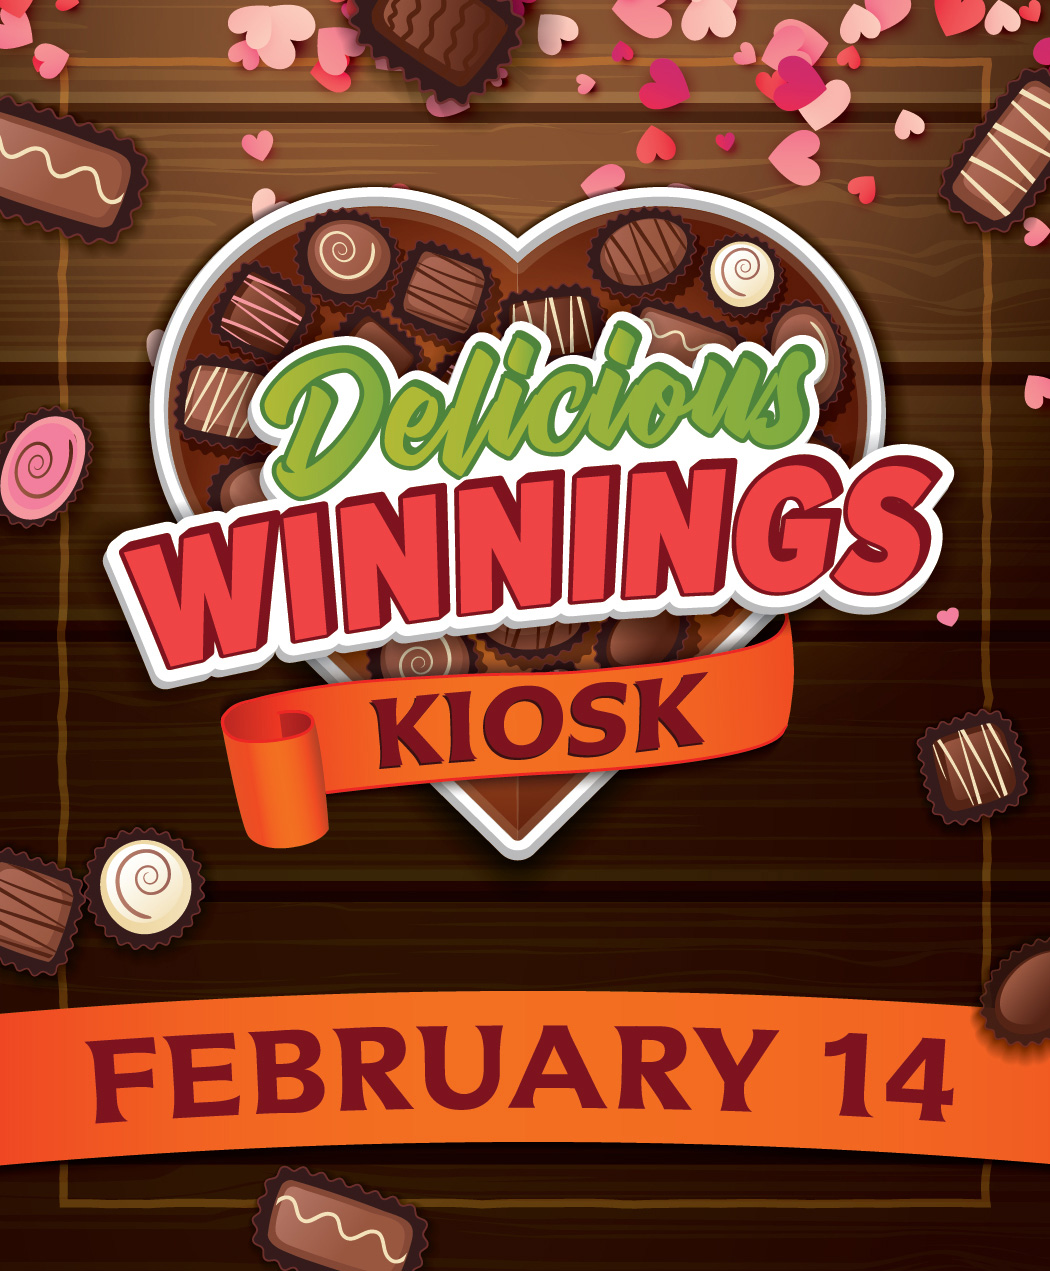 Delicious Winning Kiosk